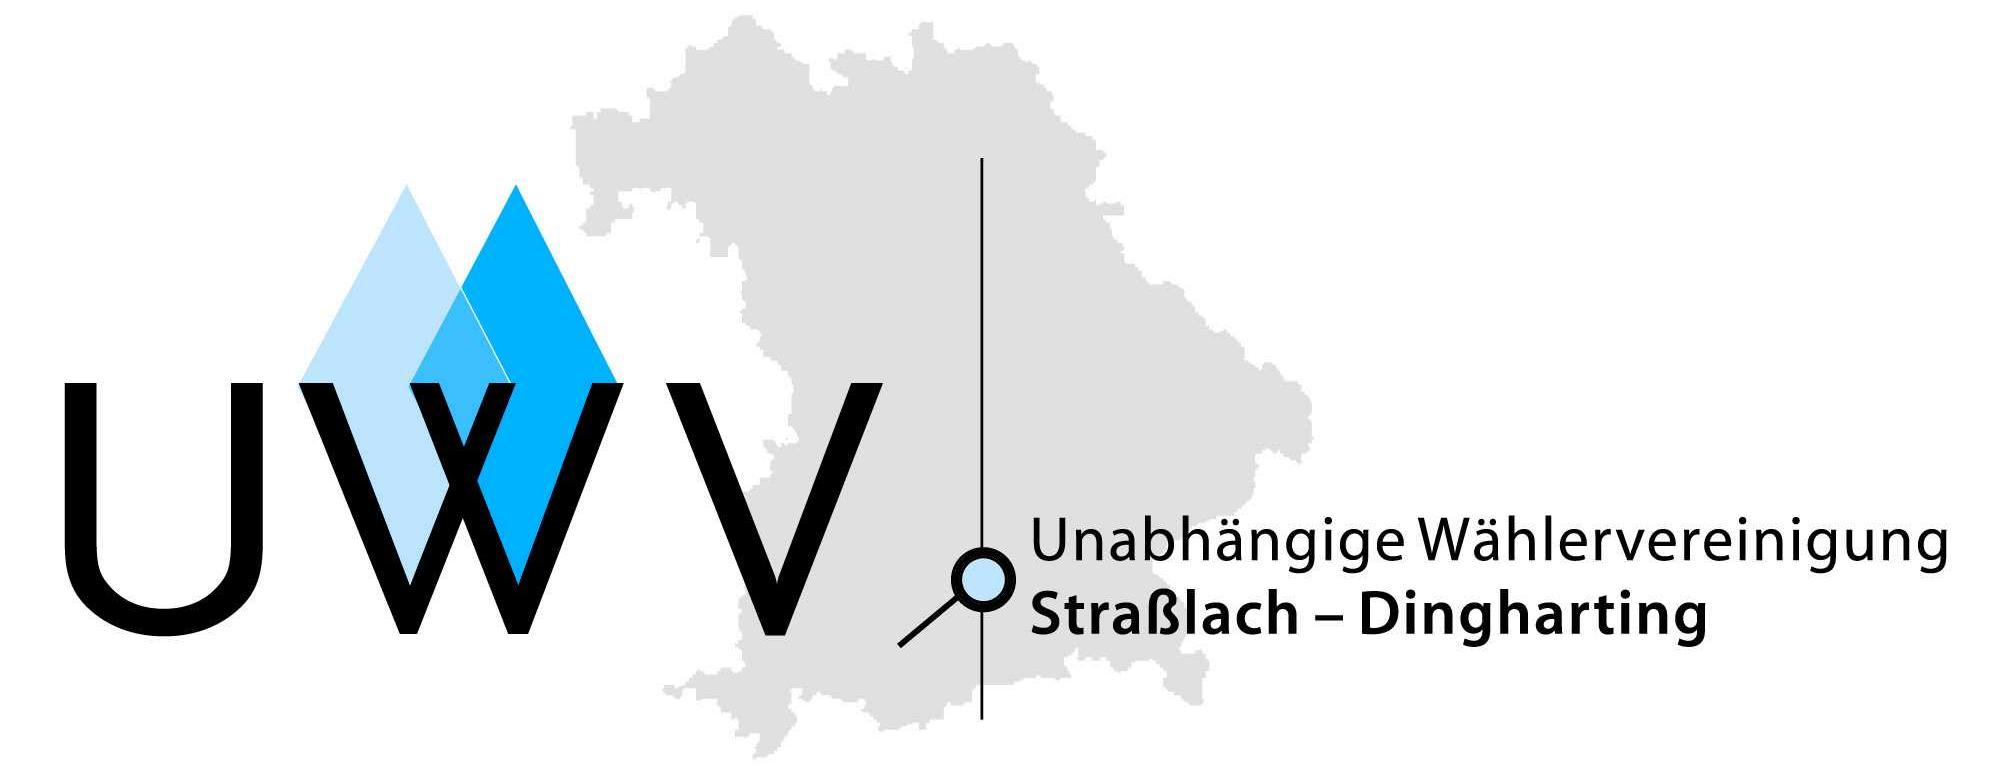 UWV-Straßlach-Dingharting.de